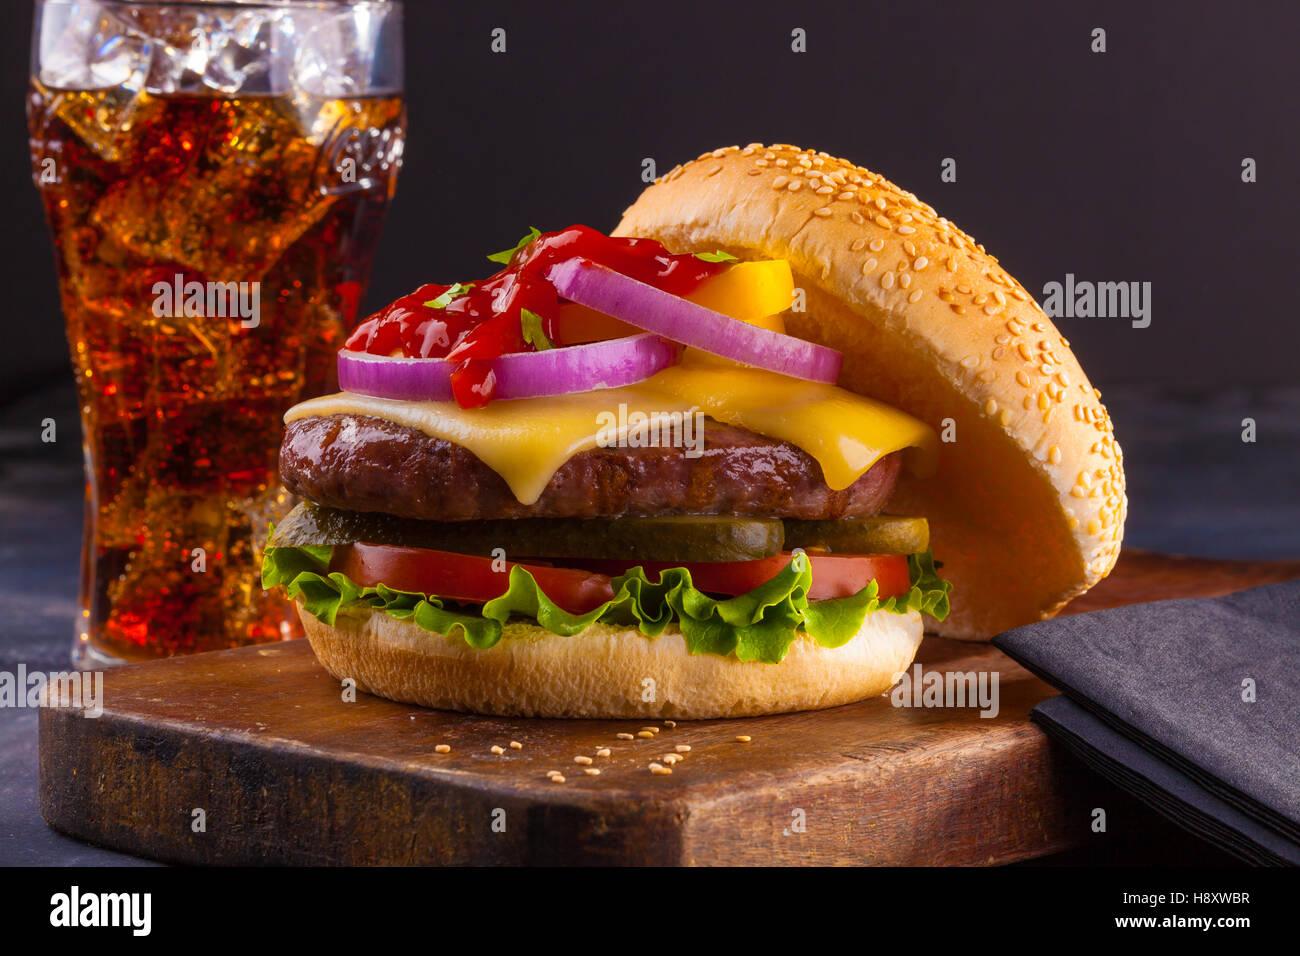 Una deliciosa Hamburguesa casera con cebolla roja, pepinillos, tomate, lechuga y ketchup. Foto de stock